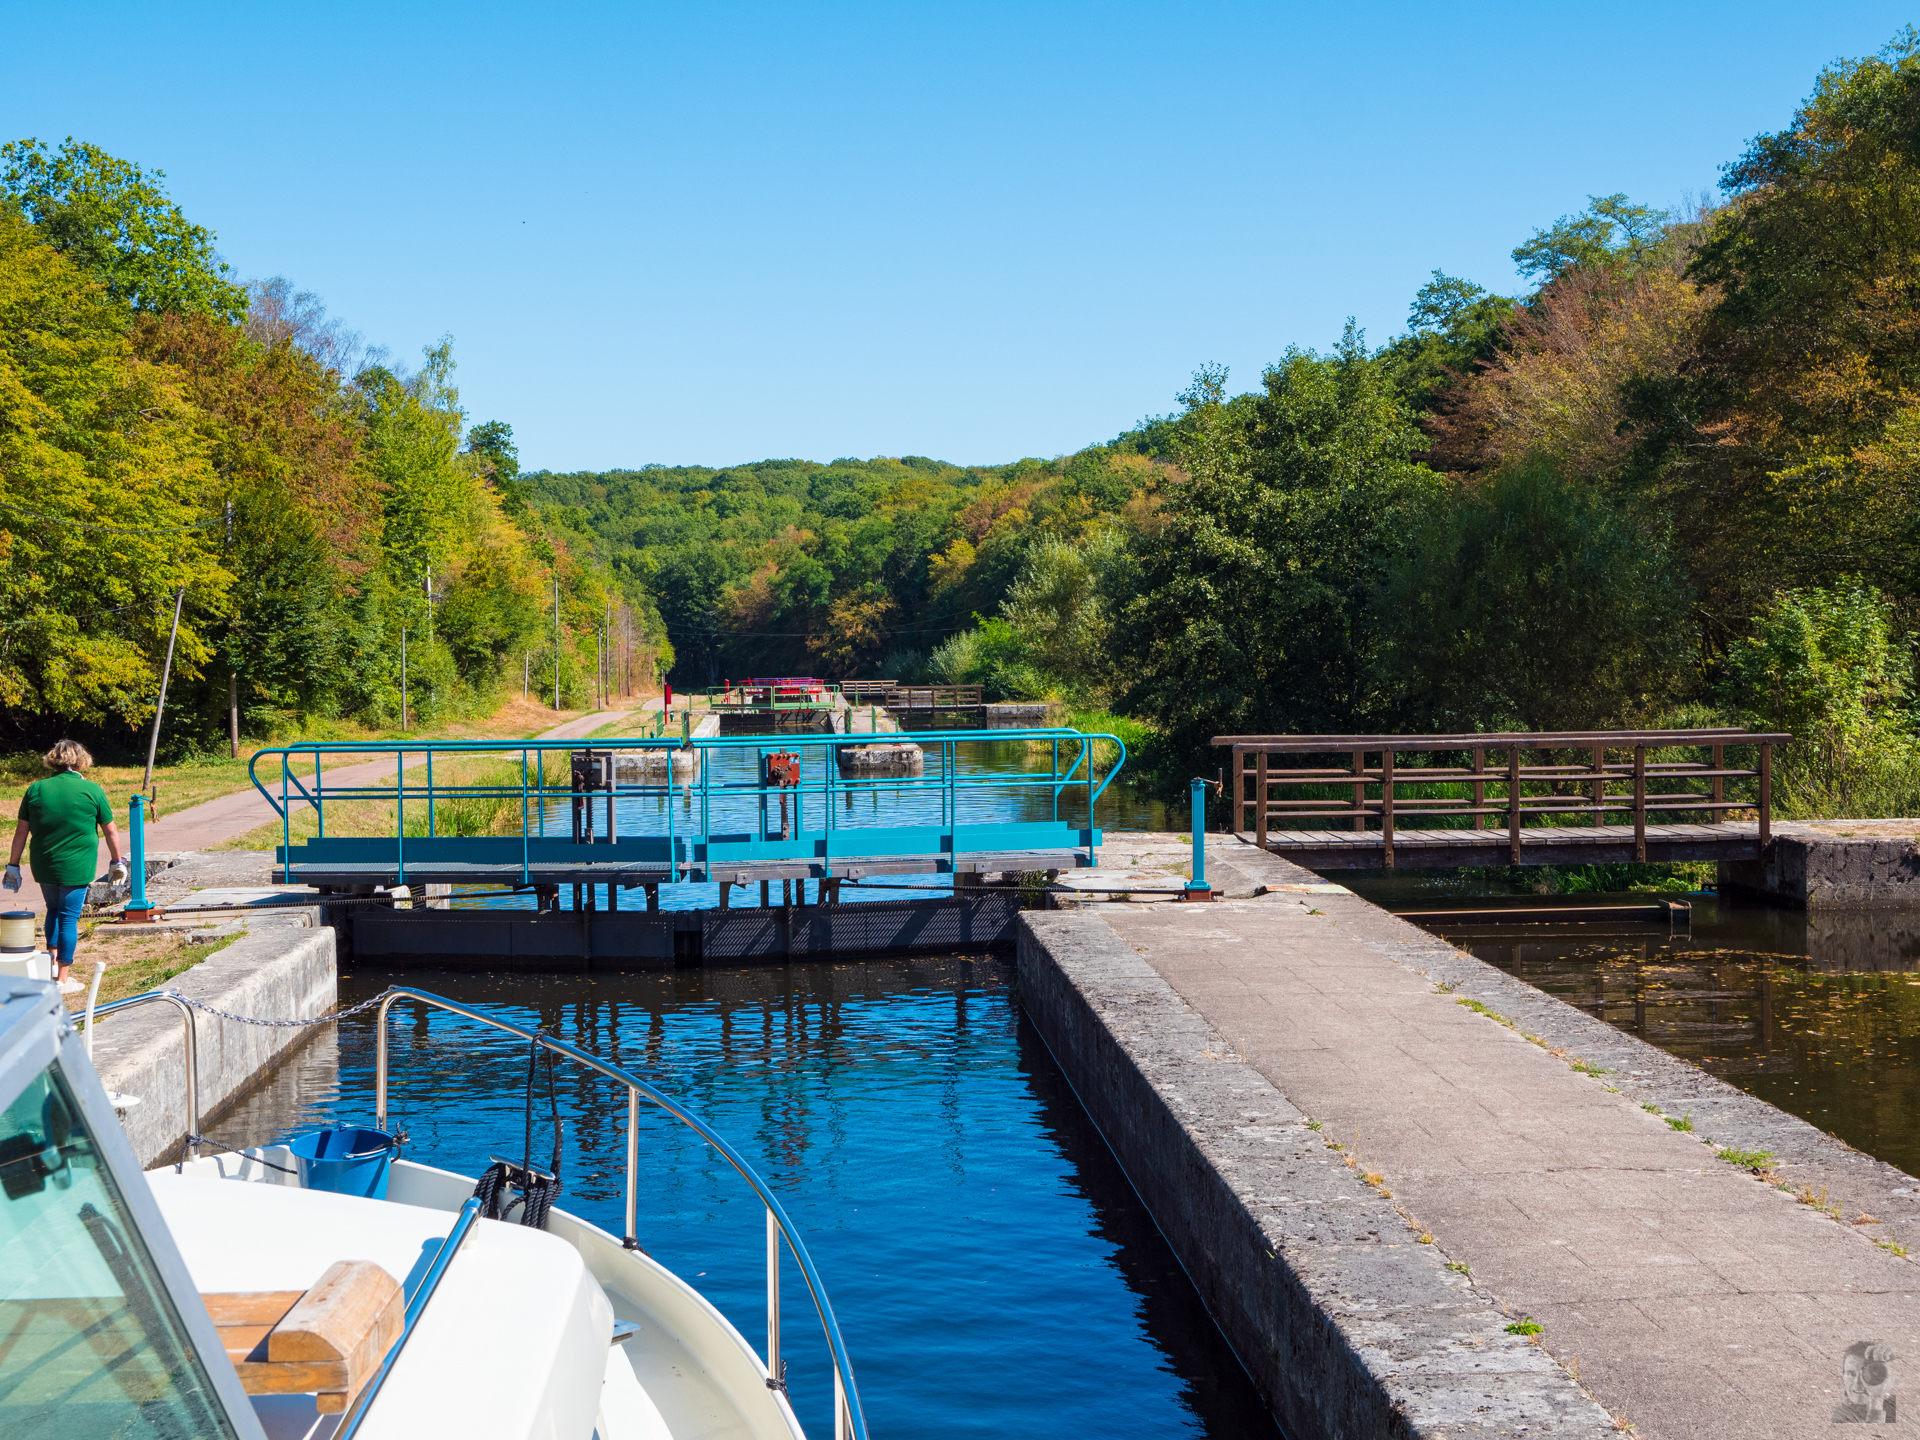 Hausbooturlaub 2019 Corbigny-Schleusentreppe von Sardy, Canal du Nivernais